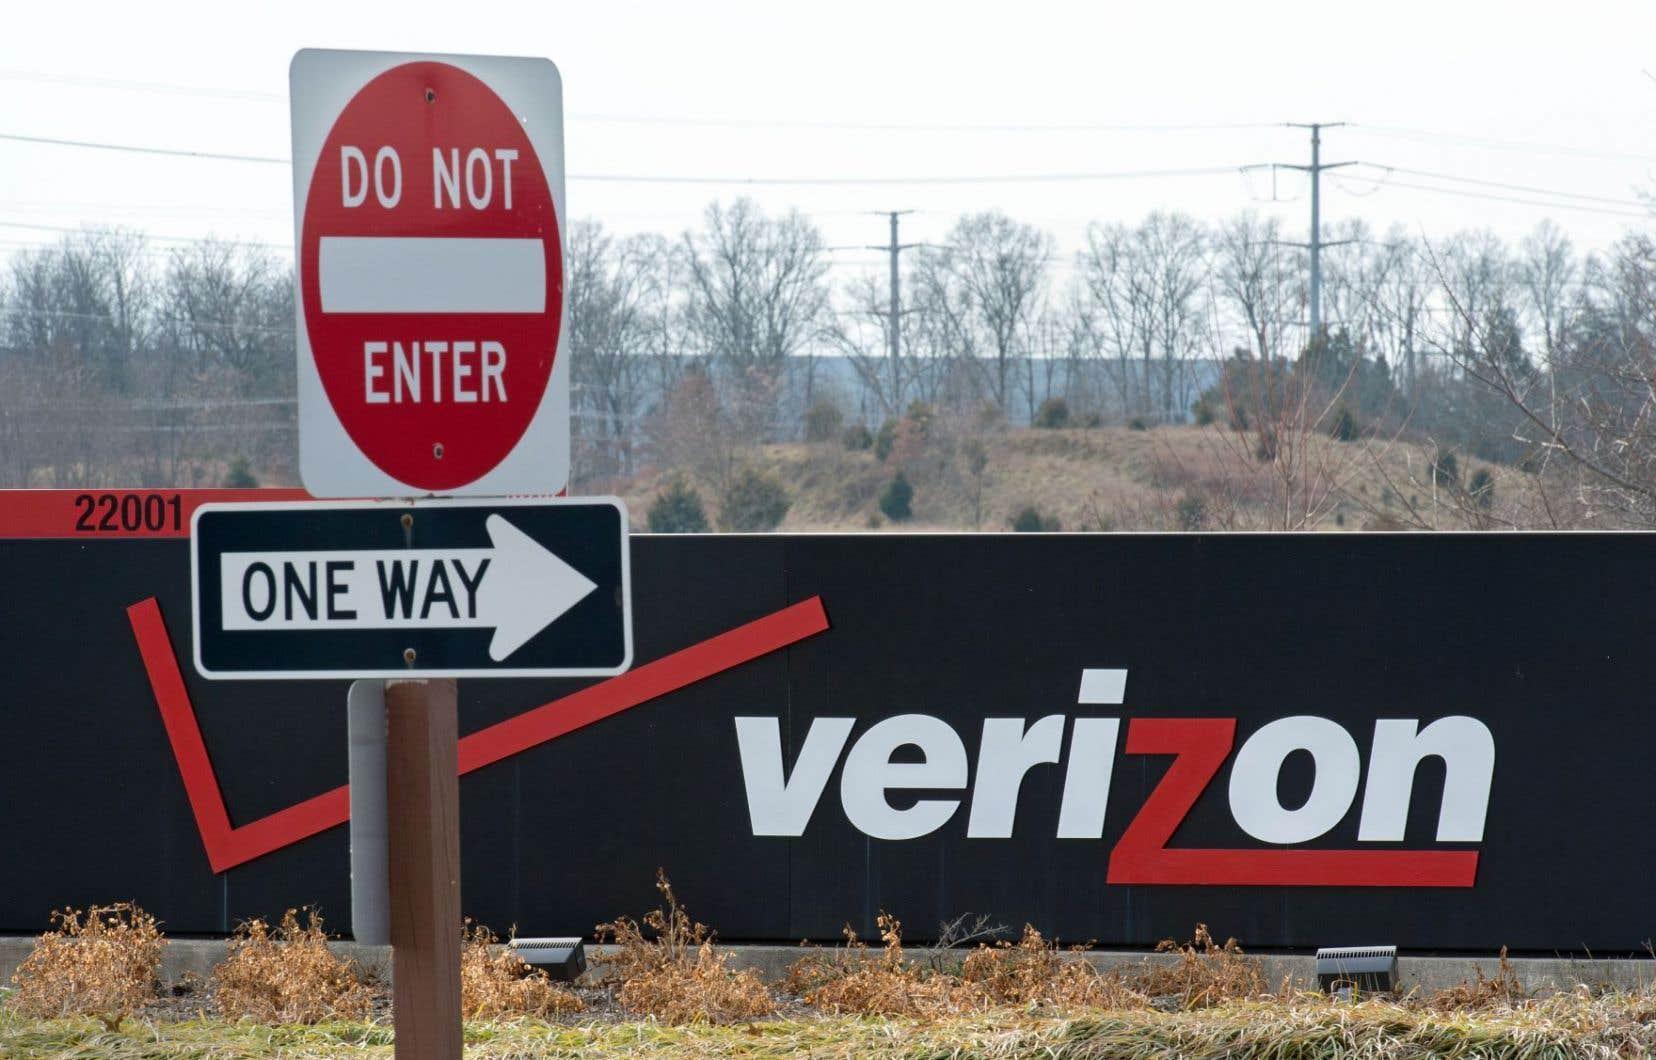 Le siège social de Verizon, à Ashburn, en Virginie